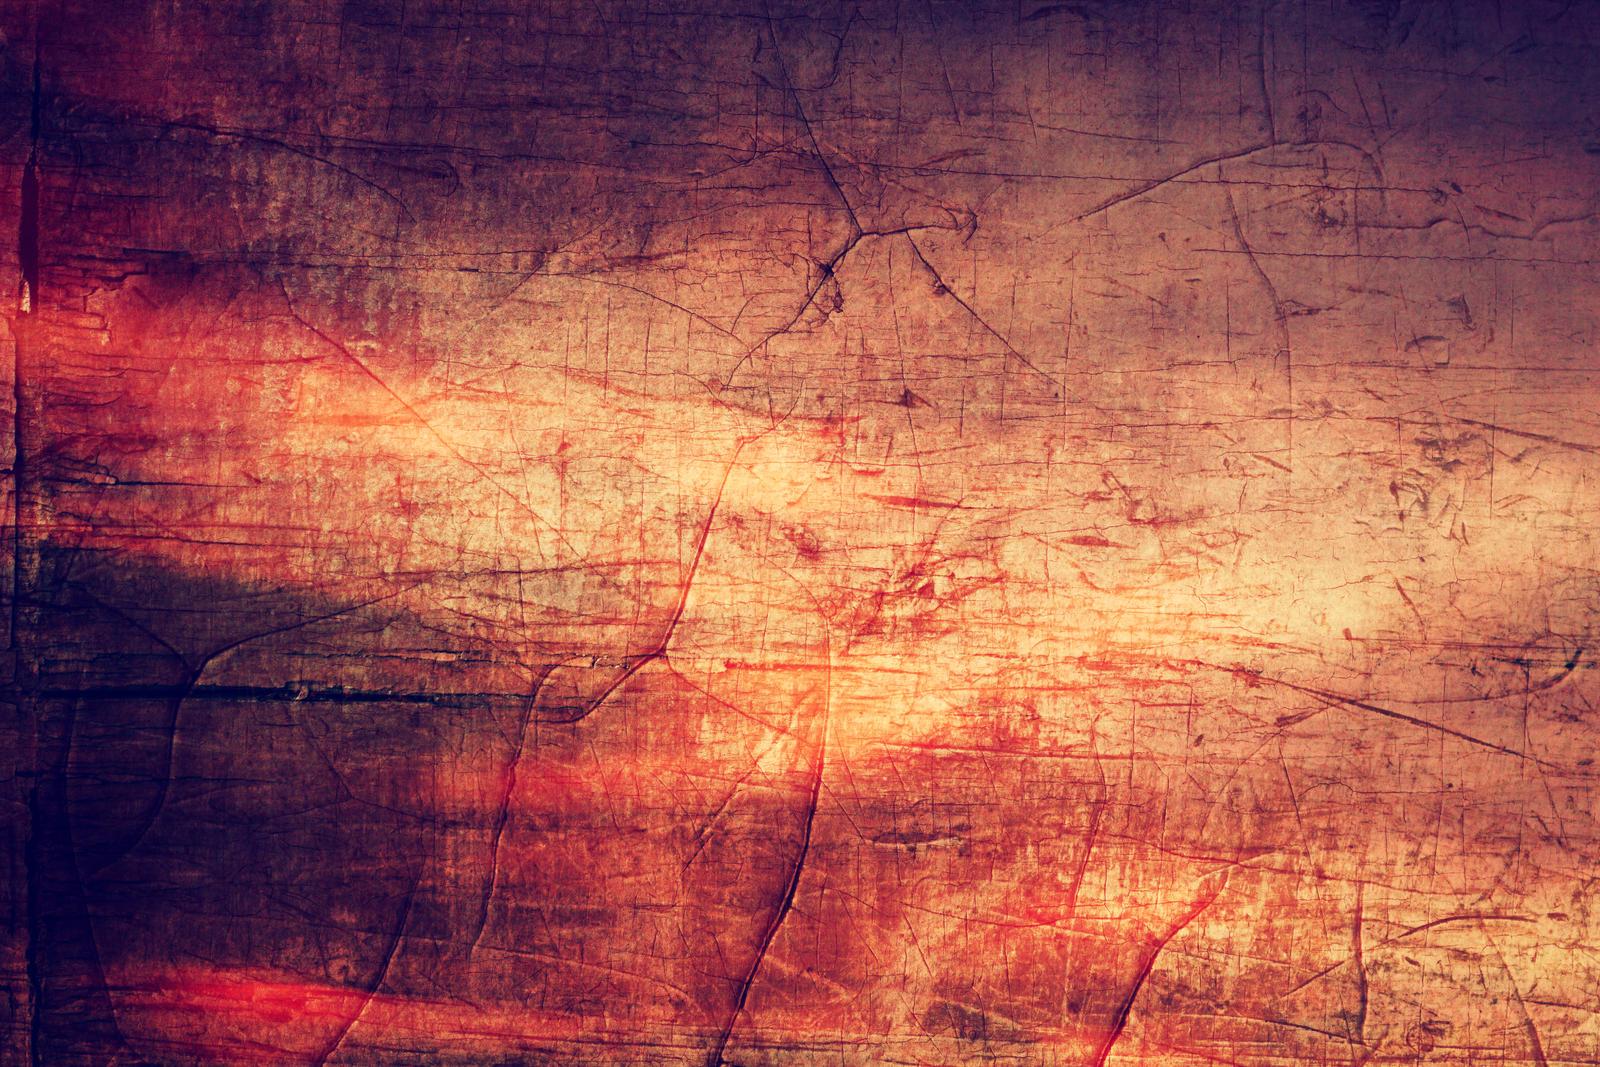 Texture 473 by Sirius-sdz